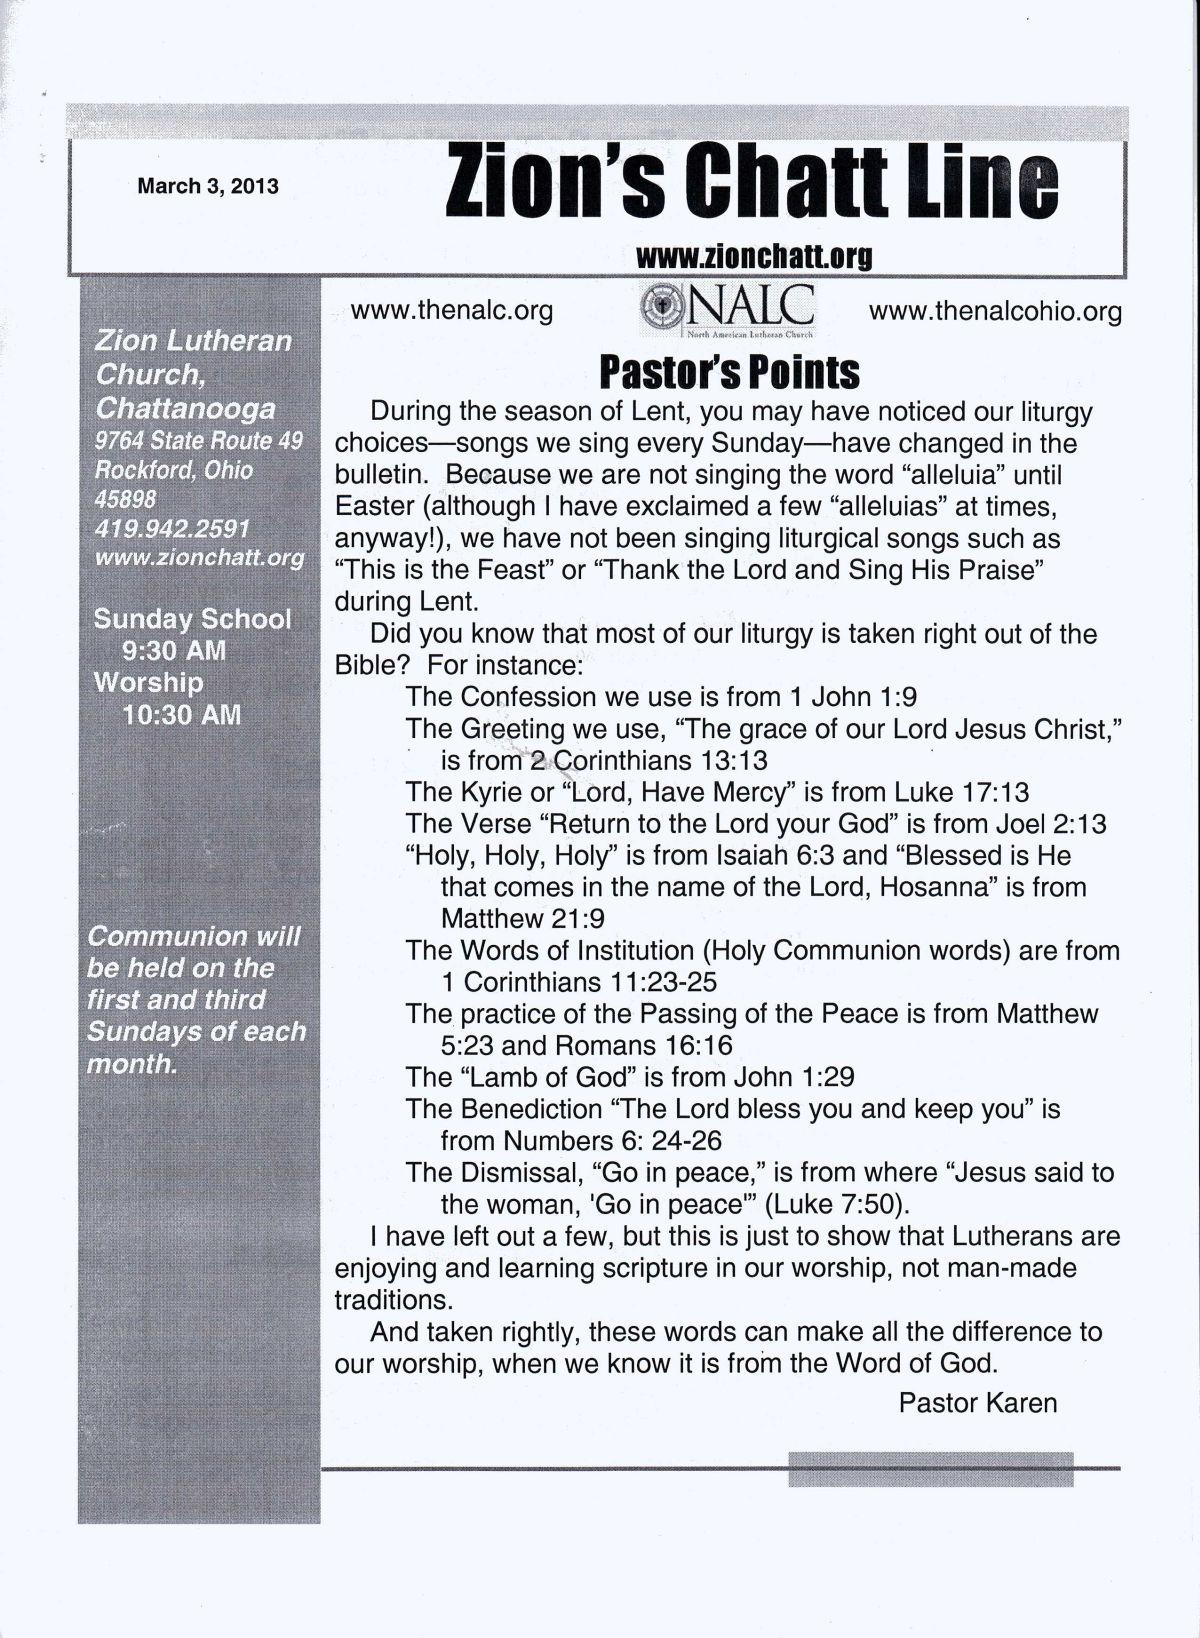 Mar 2013 p.1